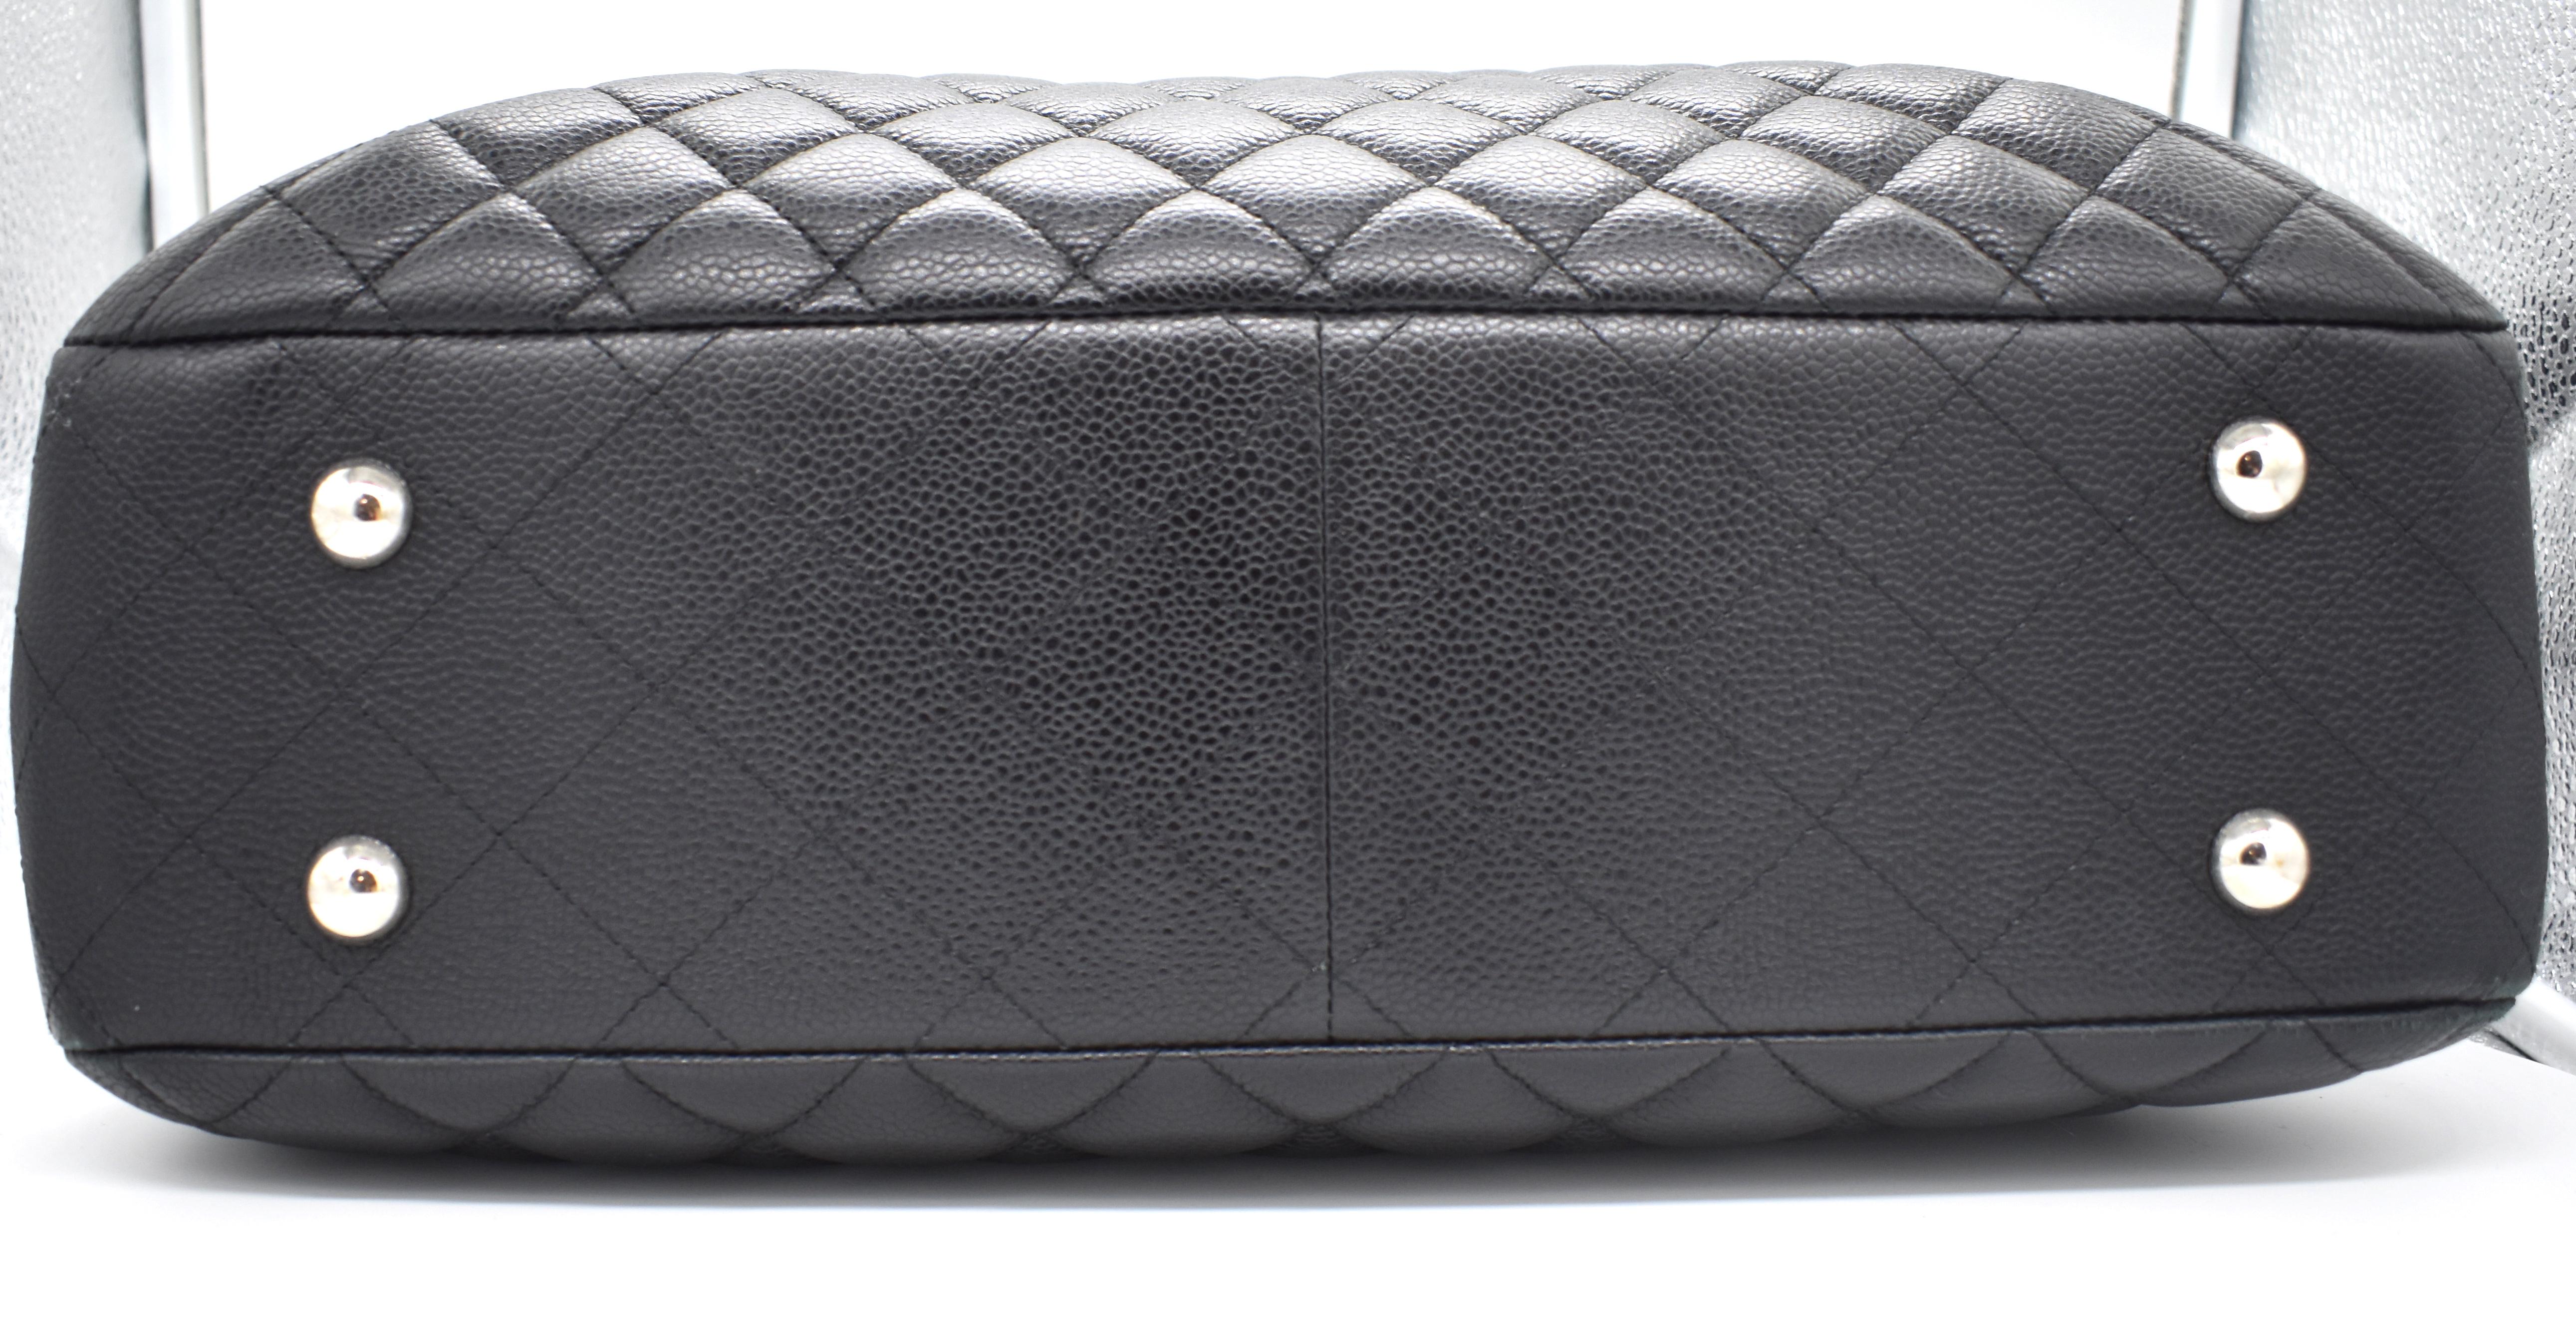 7c0894734c479c Chanel Large Quilted Flap Bag - Best Quilt Grafimage.co